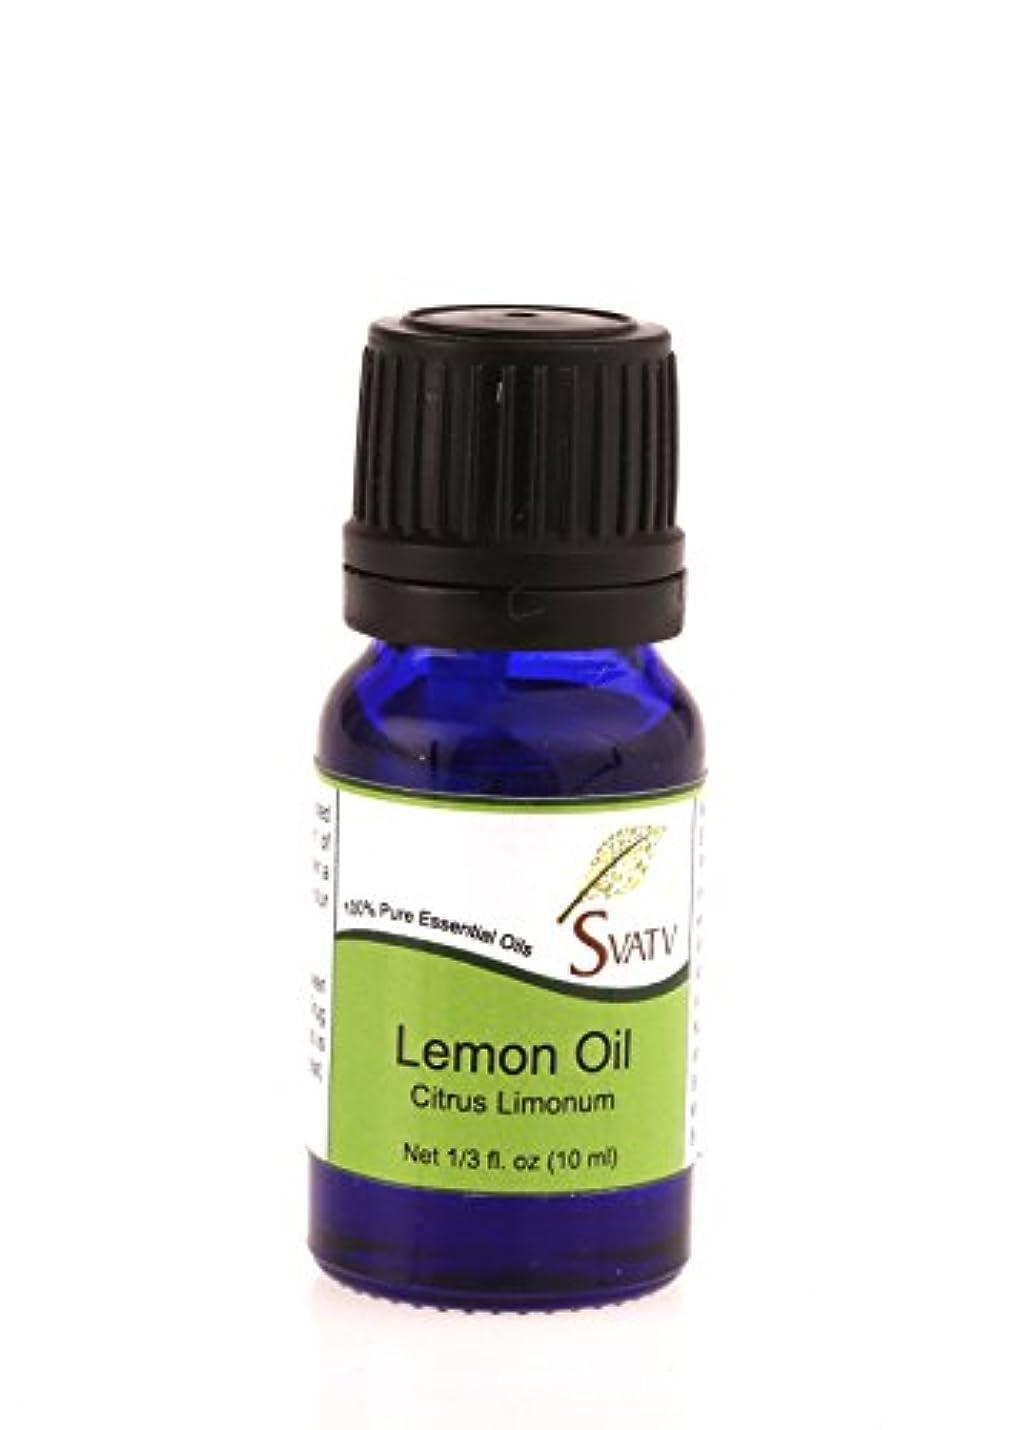 リーダーシップ正当化する水を飲むSVATVレモン(シトラスリモナム)エッセンシャルオイル10mL(1/3オンス)100%純粋で無希釈、治療グレード